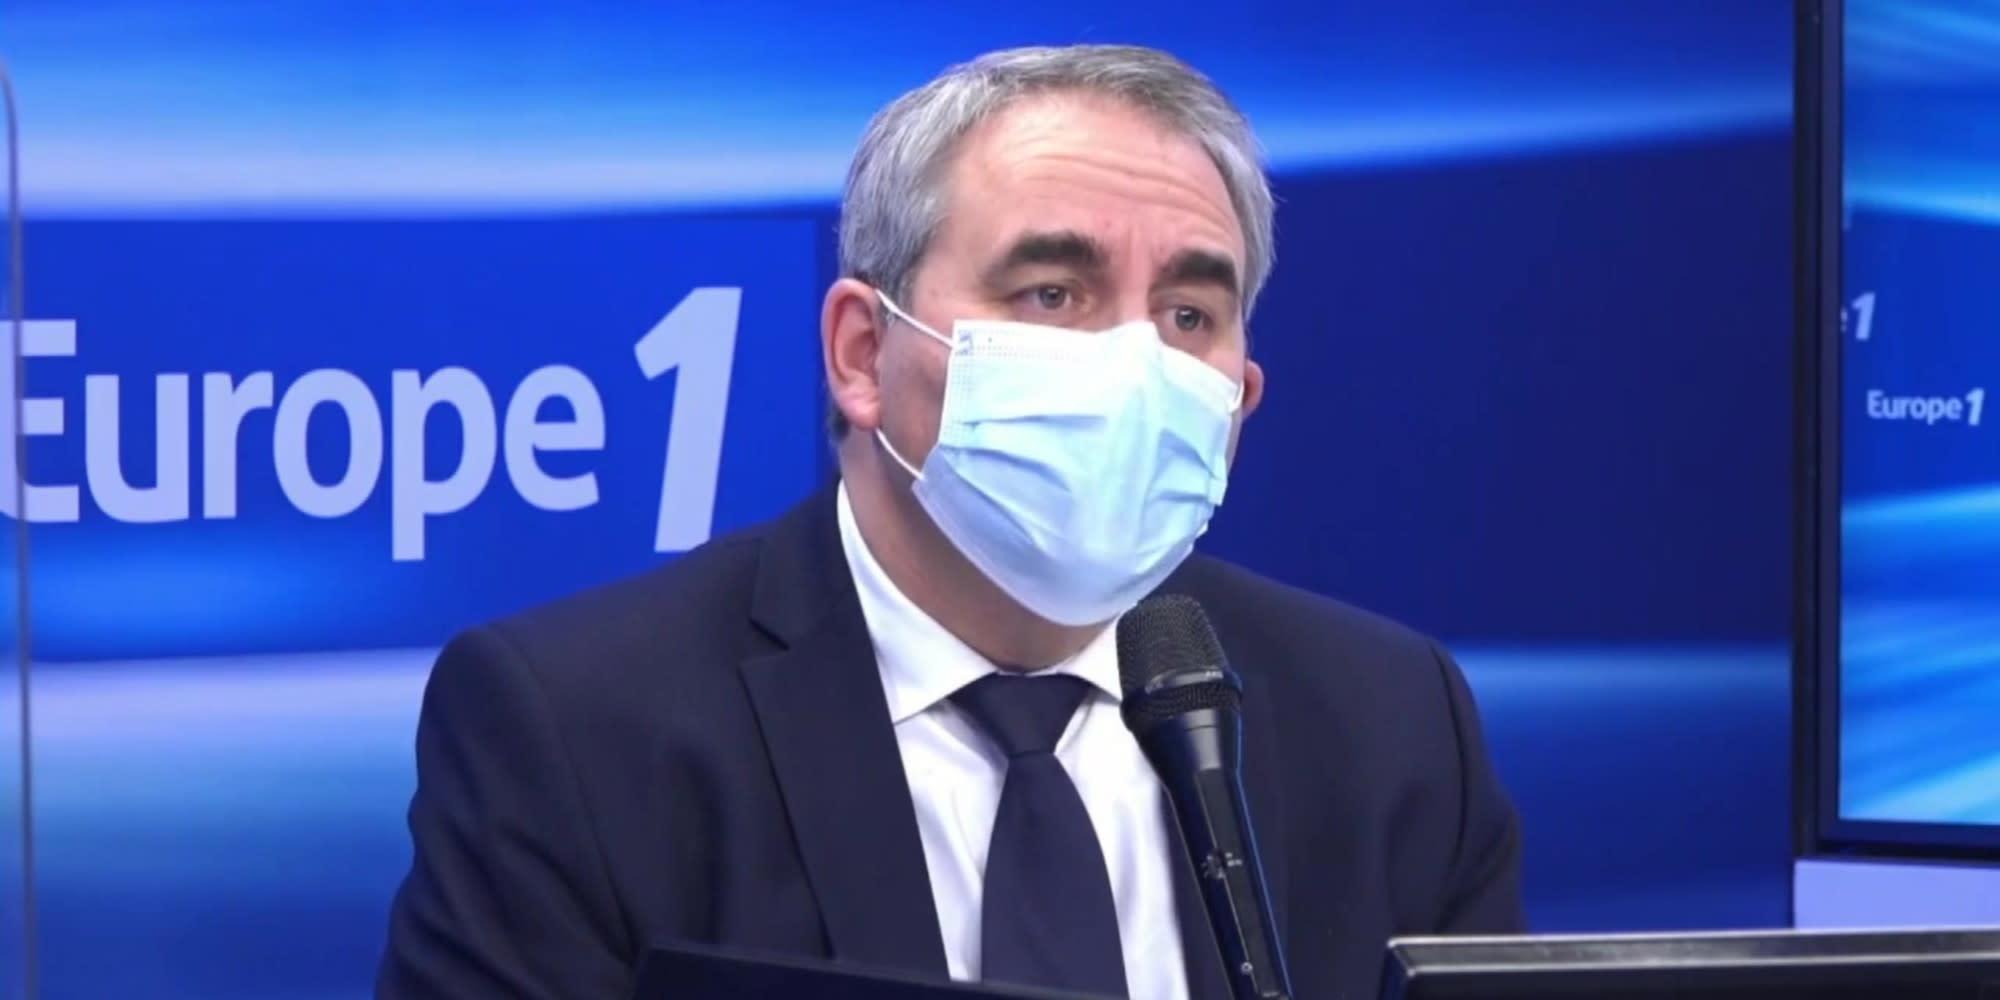 Le président des Hauts-de-France Xavier Bertrand est l'invité d'Europe 1 mardi à 8h15